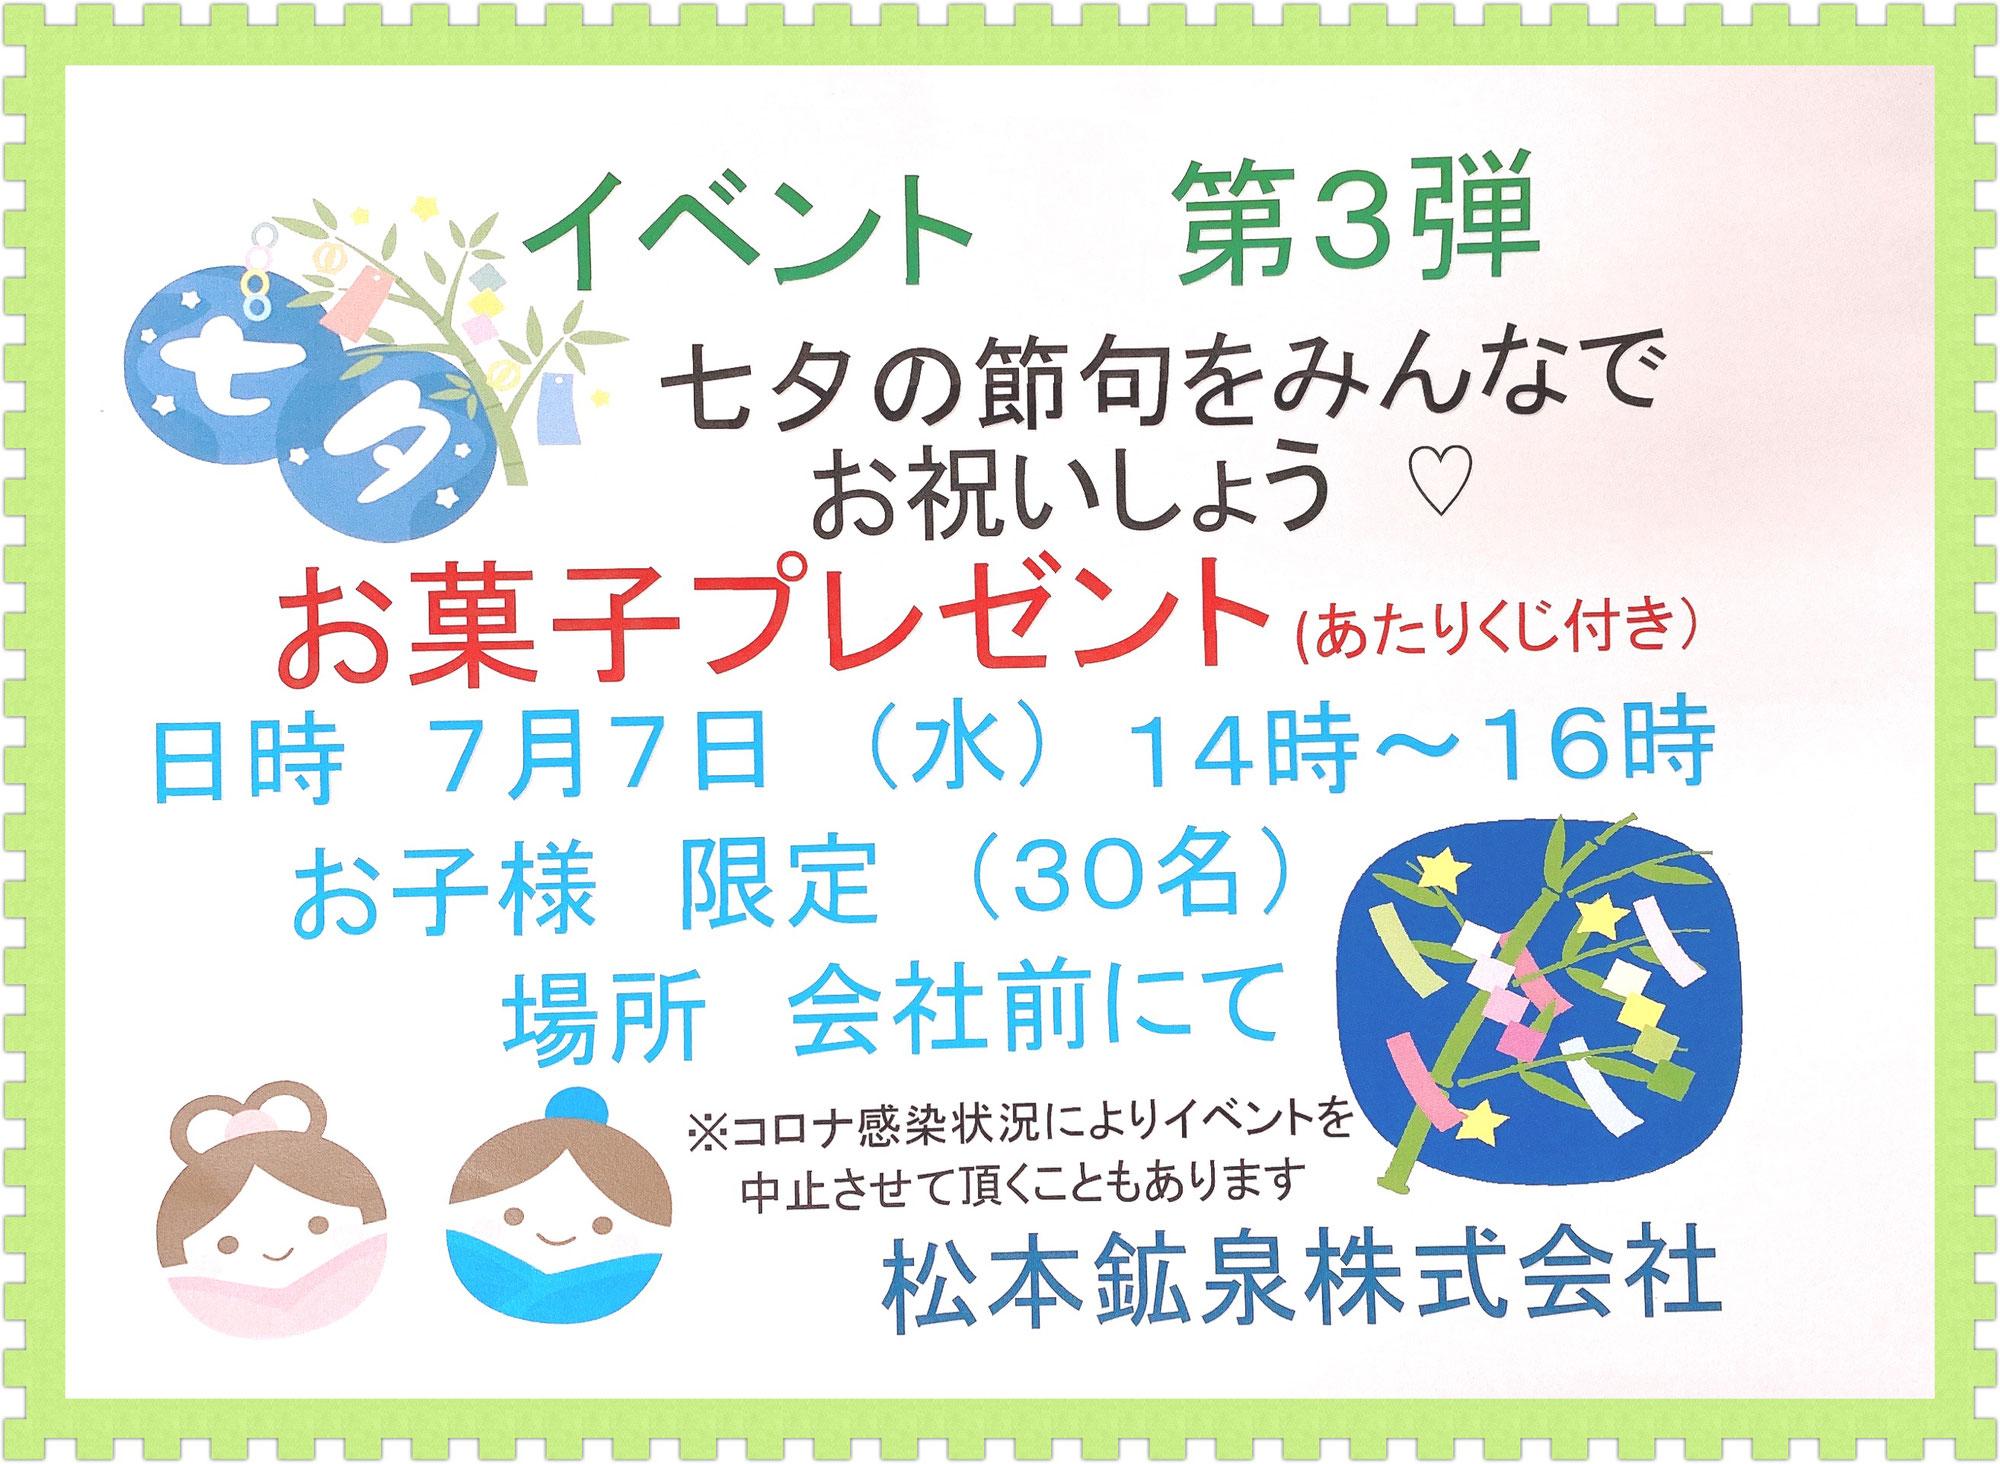 七夕イベント開催